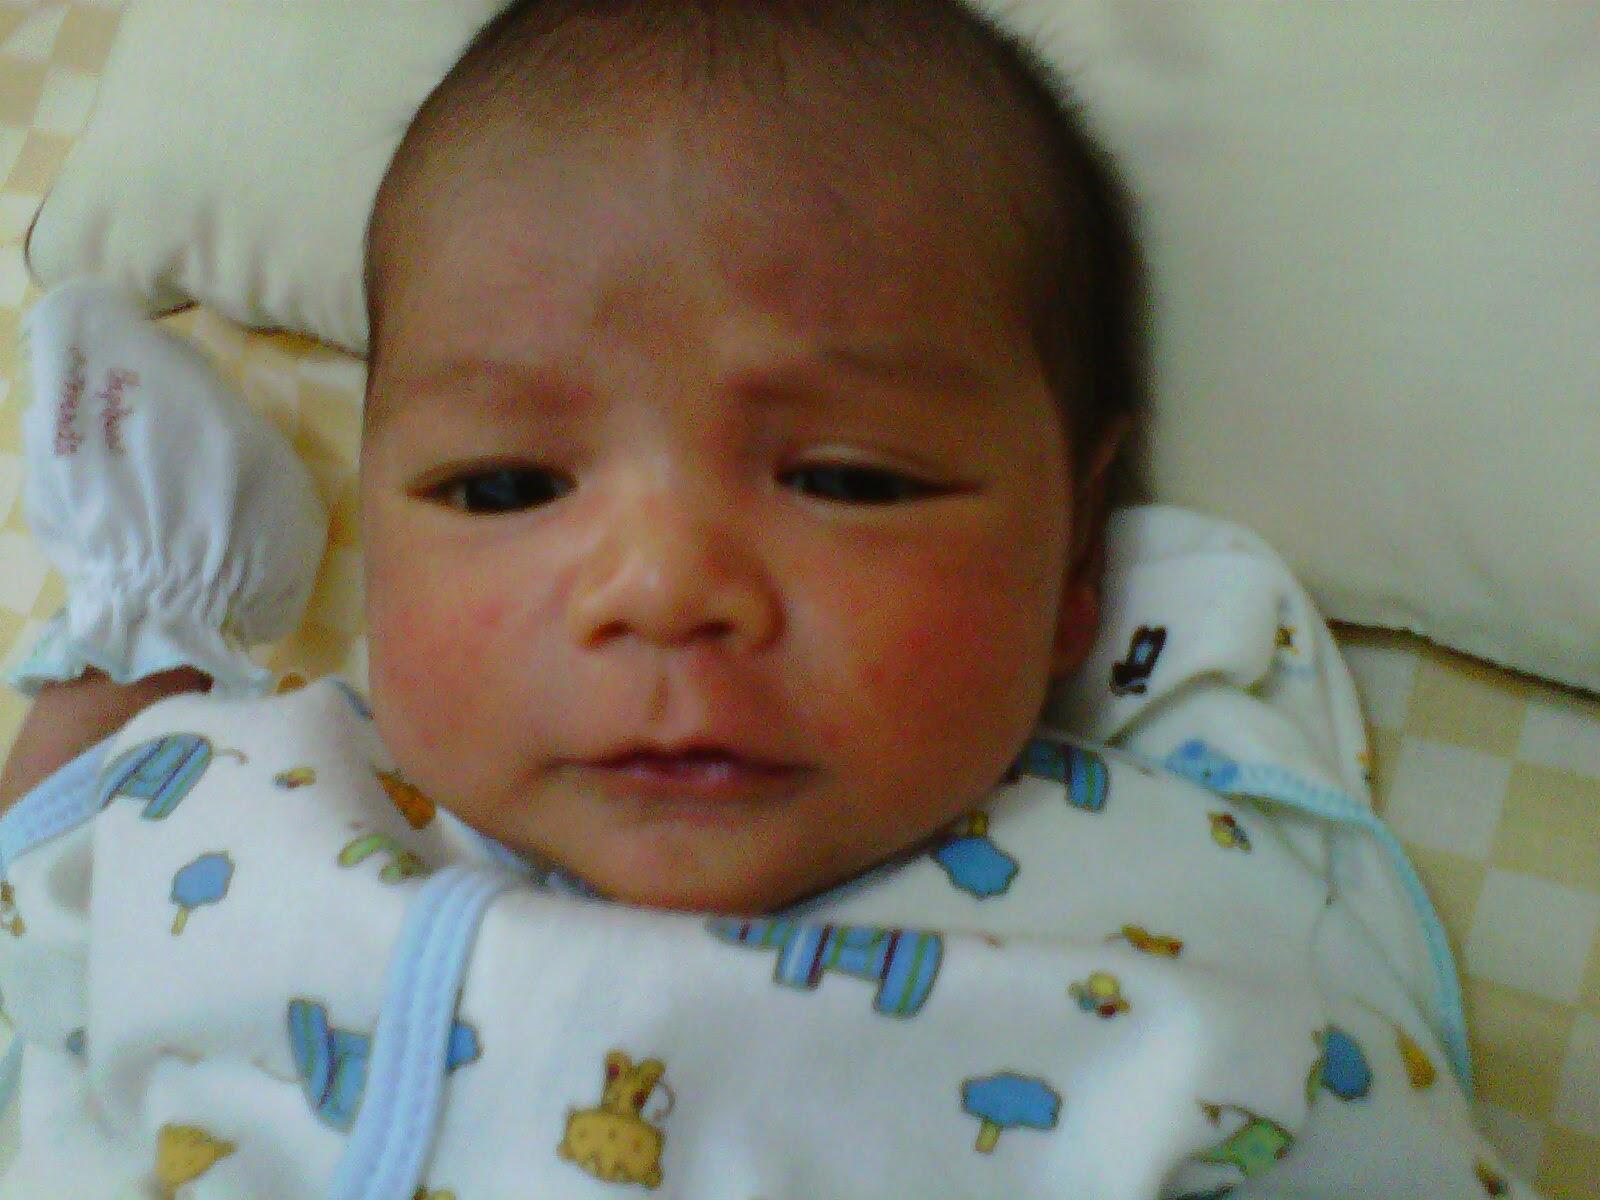 Gambar bayi laki-laki lucu banget